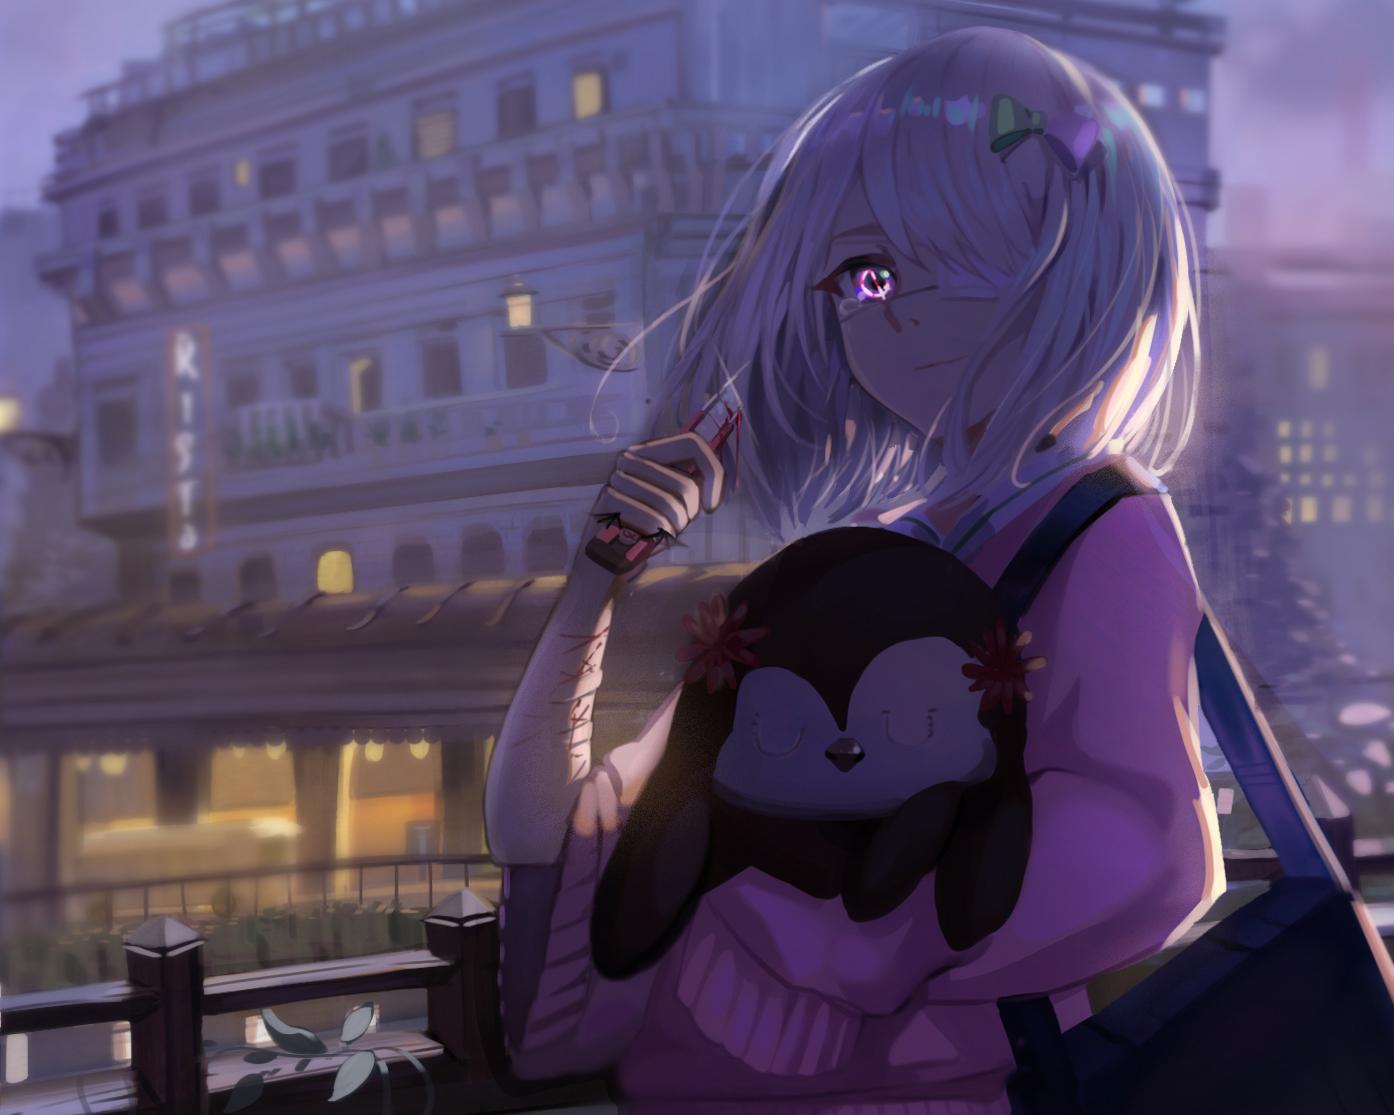 amagai_kosame blood building cropped eyepatch kirbyheimi knife mahou_shoujo_site purple_eyes tears white_hair